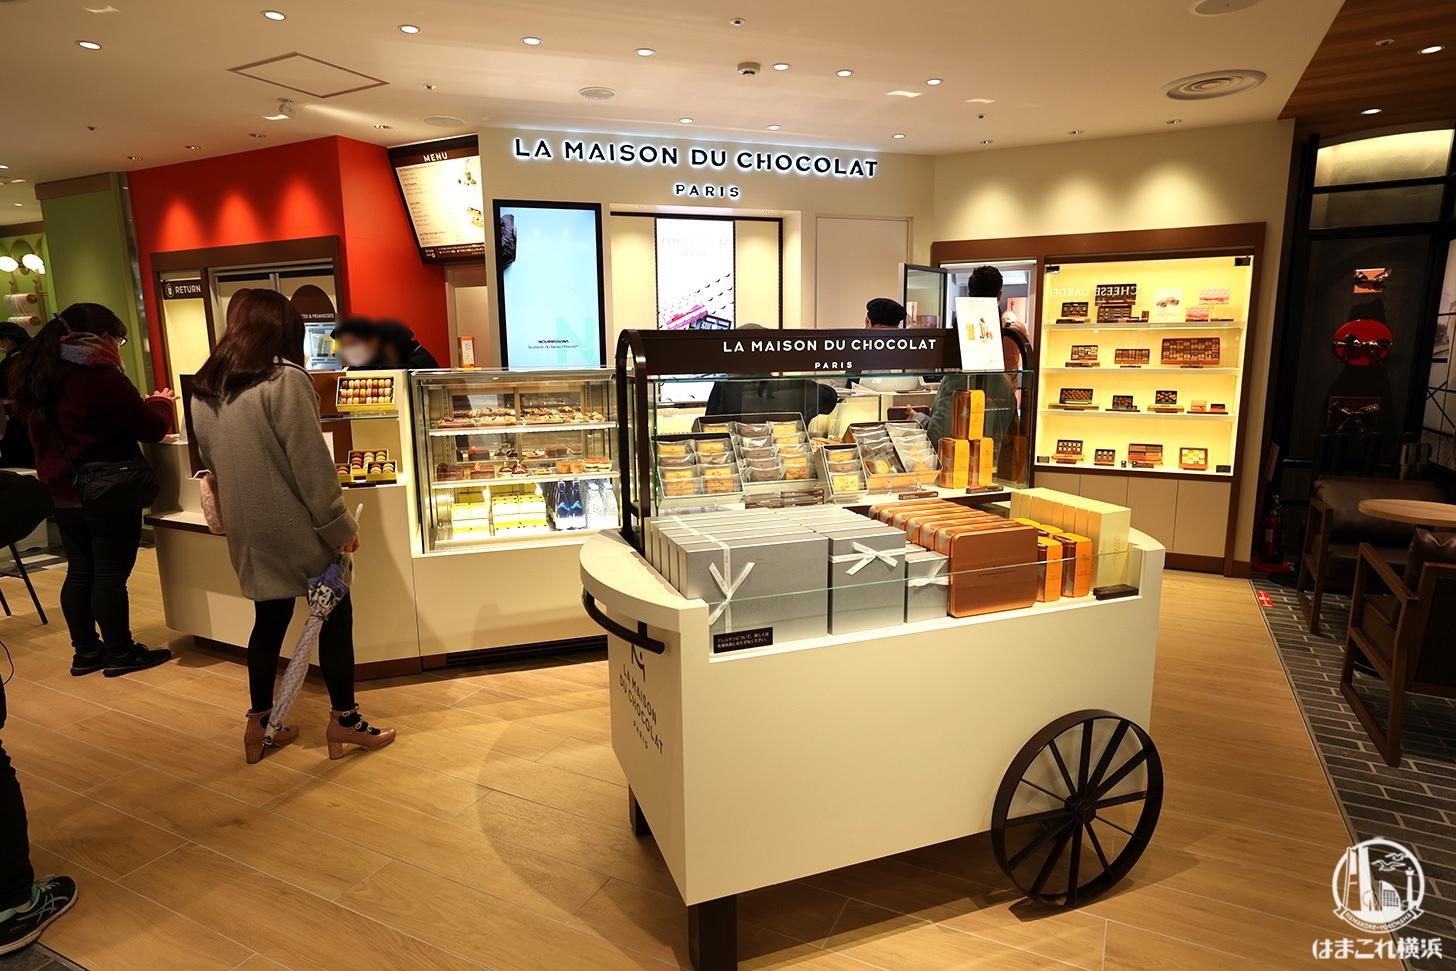 高級ショコラ専門店「ラ・メゾン・デュ・ショコラ」